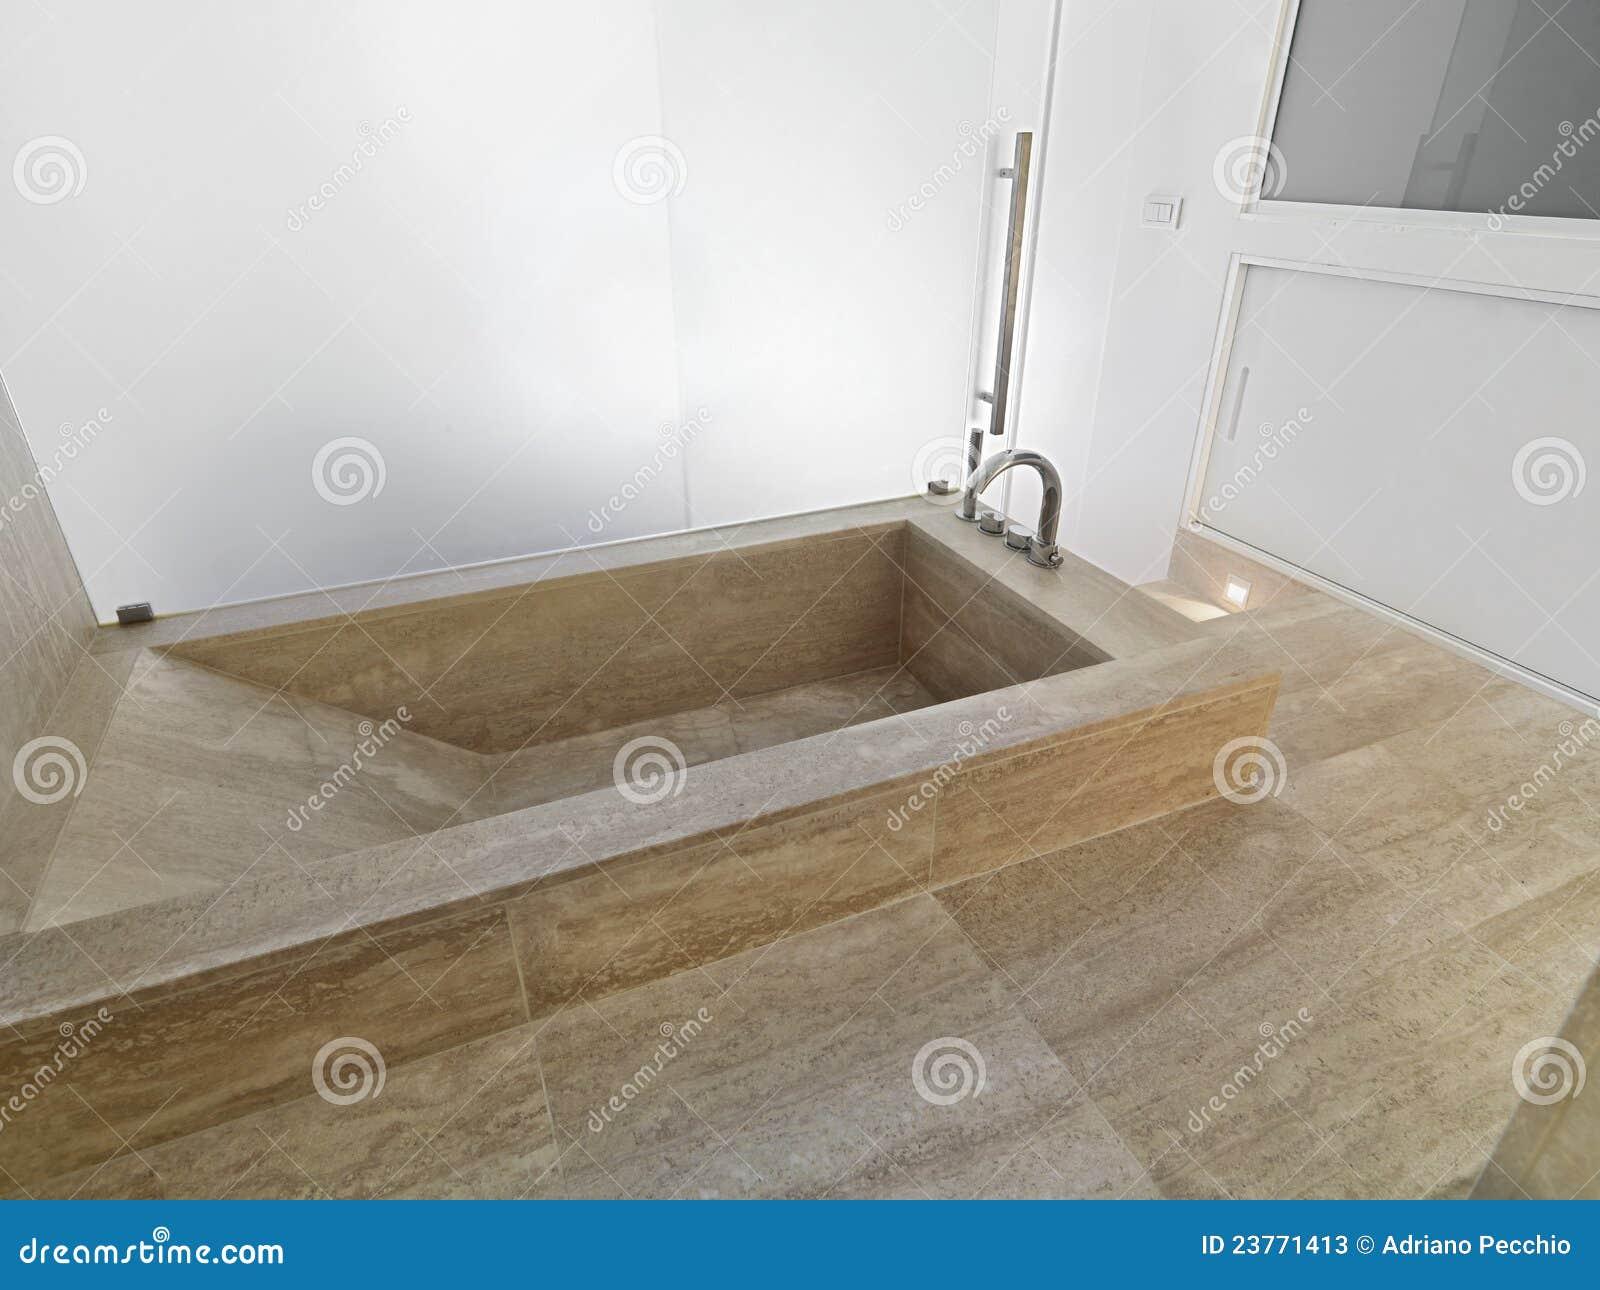 Banheira De Mármore Em Um Banheiro Moderno Fotos de Stock  Imagem 23771413 -> Banheiro Moderno Com